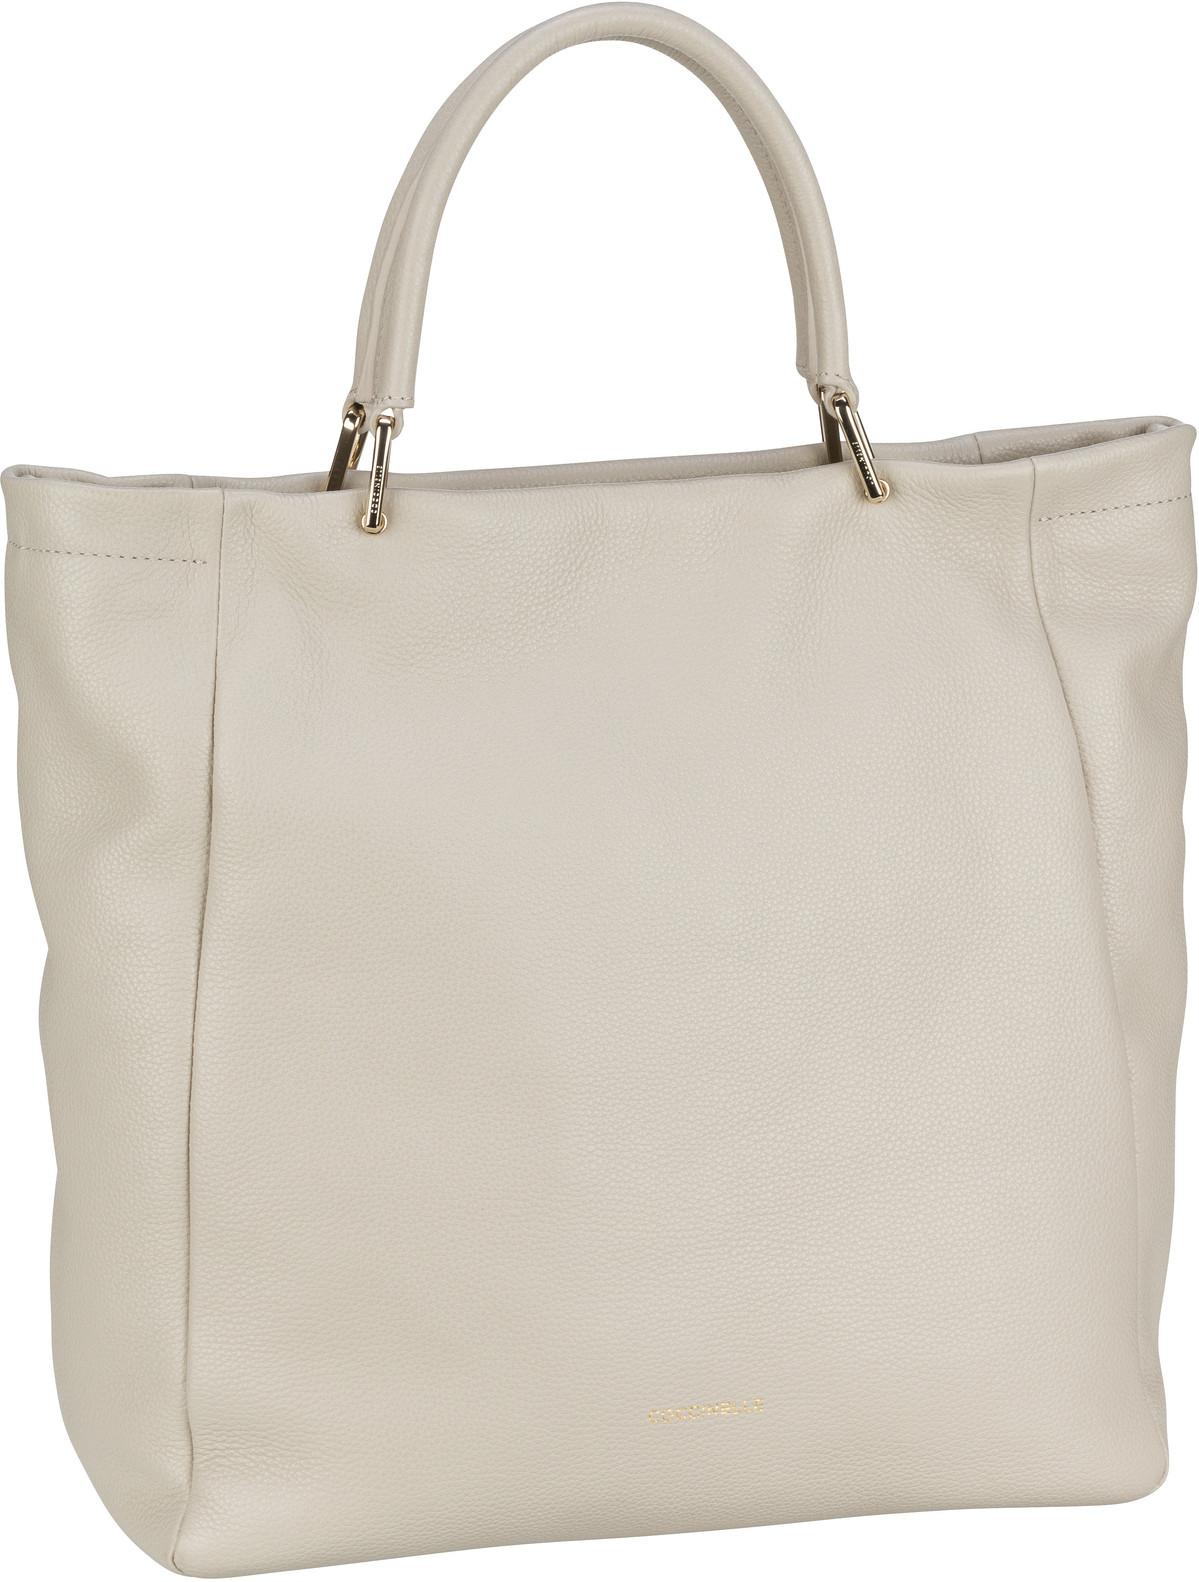 Handtasche Rendez-Vous 1801 Seashell